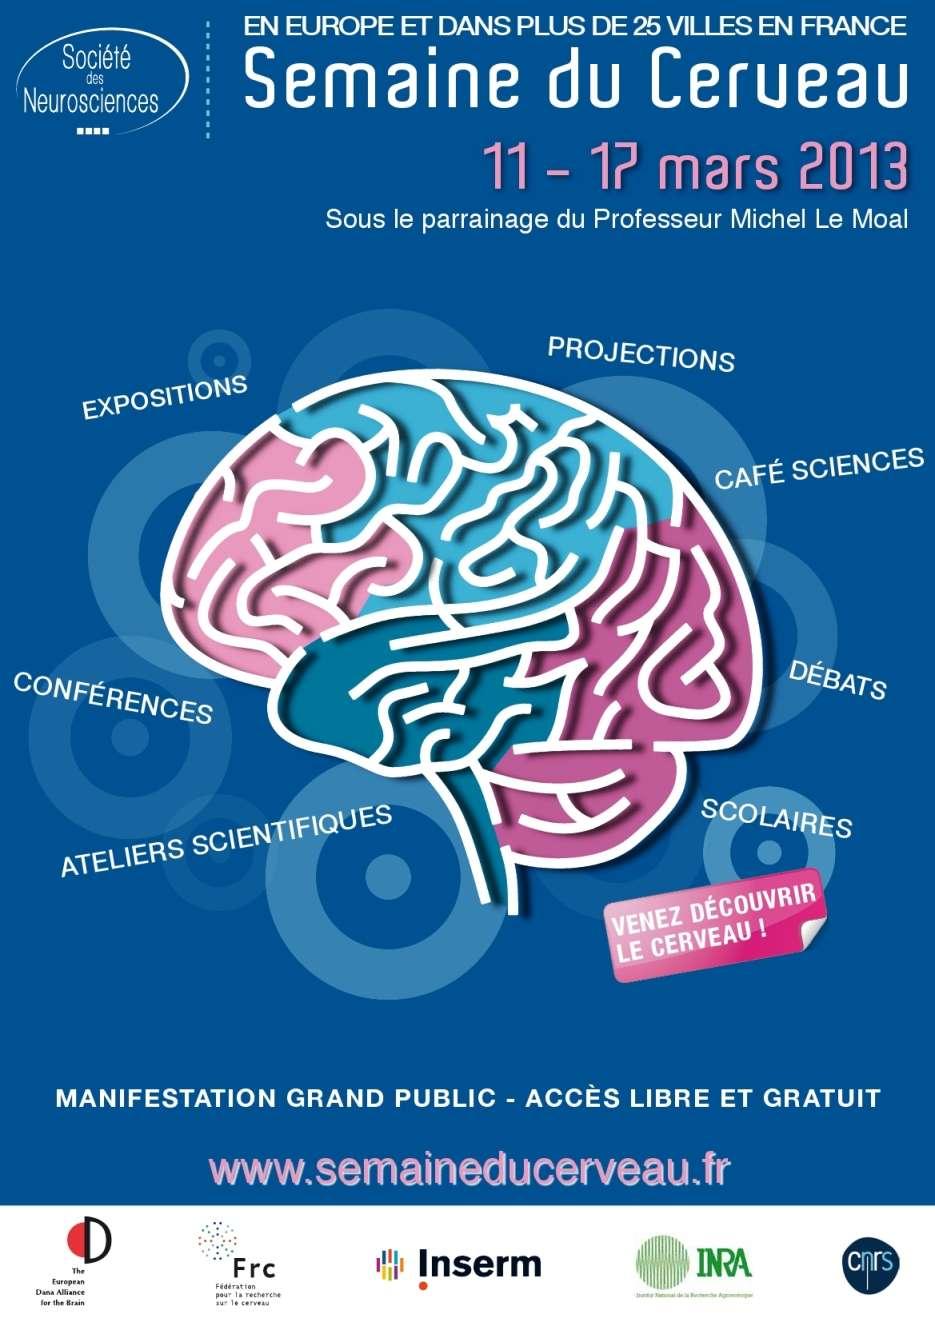 Le Semaine du cerveau, c'est un événement international qui se déroule dans 62 pays simultanément, et ce depuis 1999. © Société des neurosciences